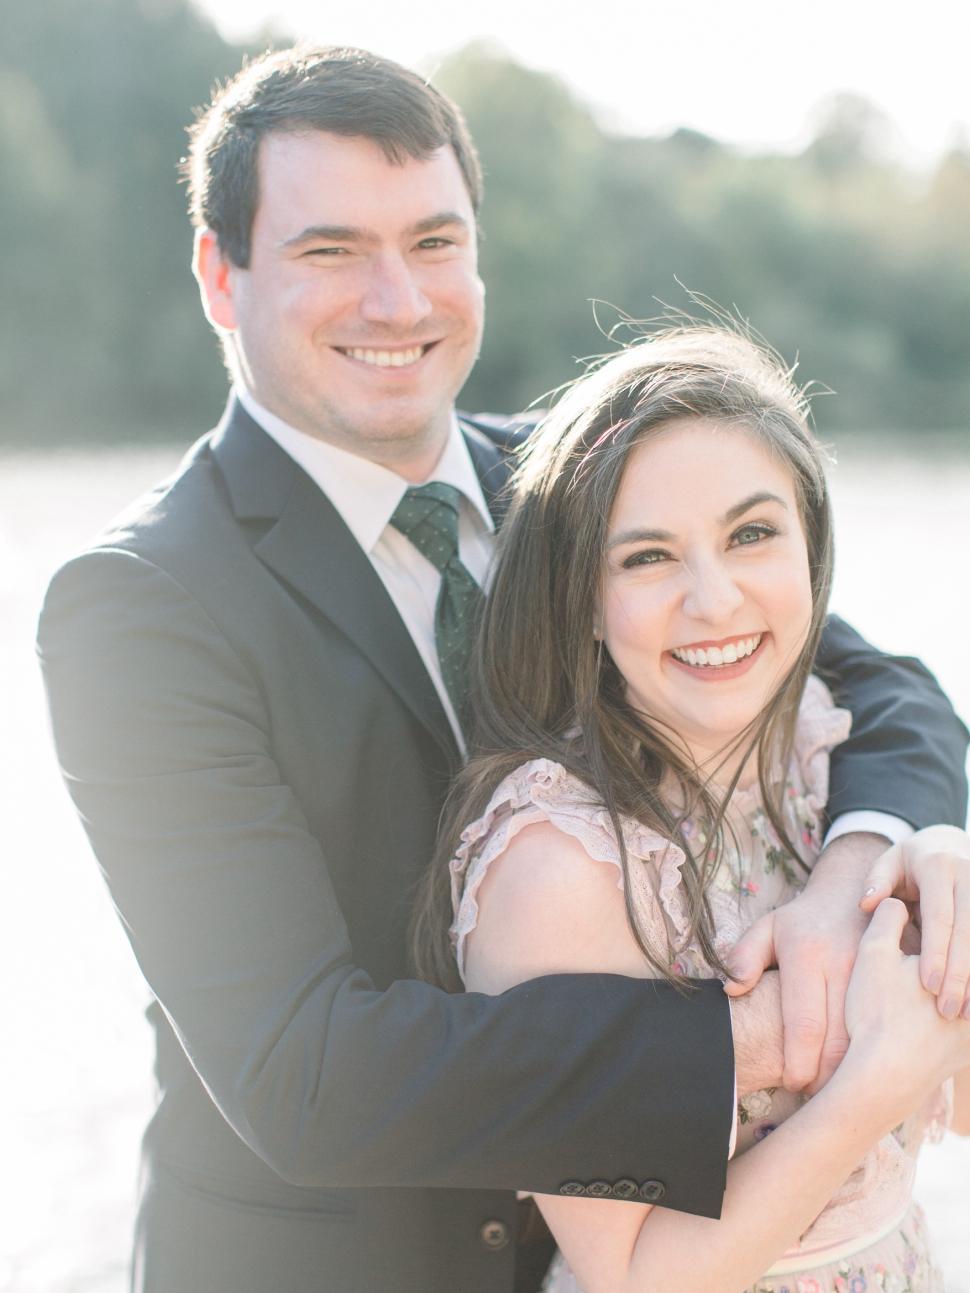 Poconos-Wedding-Photographer-Cassi-Claire-Poconos-Engagement-Photos_04.jpg